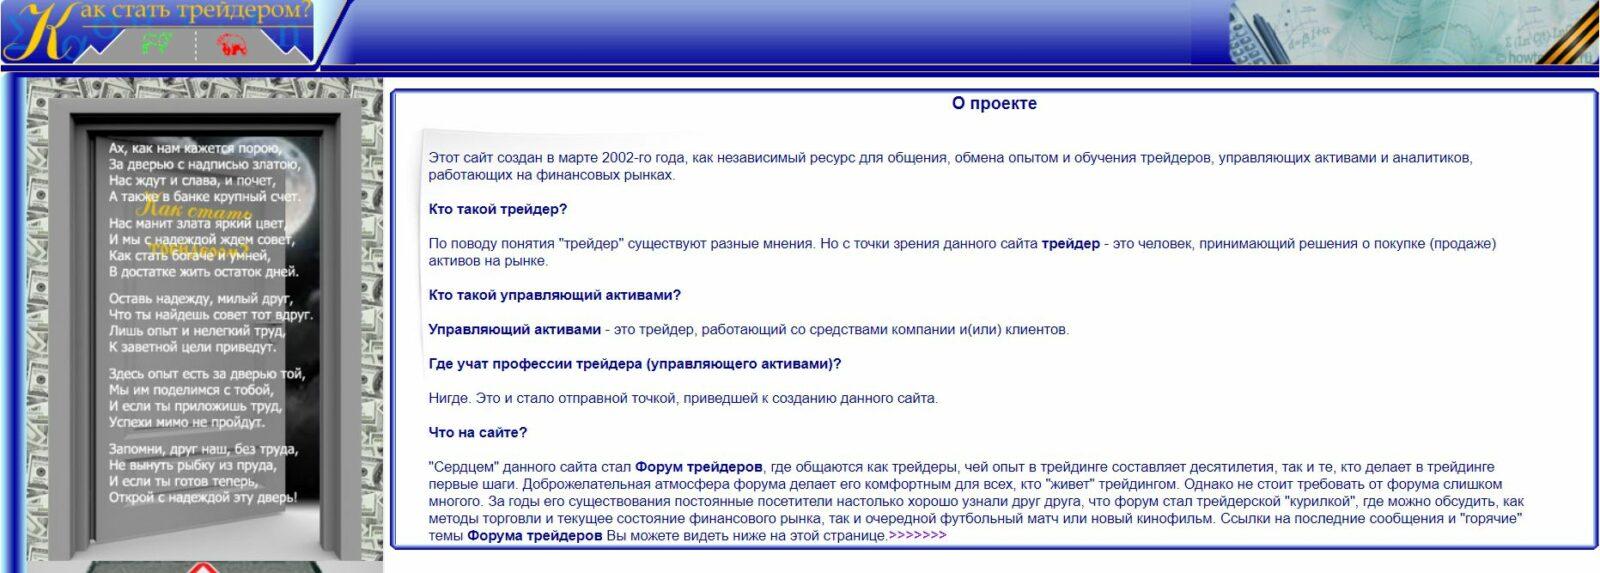 Обзор проекта Александра Горчакова